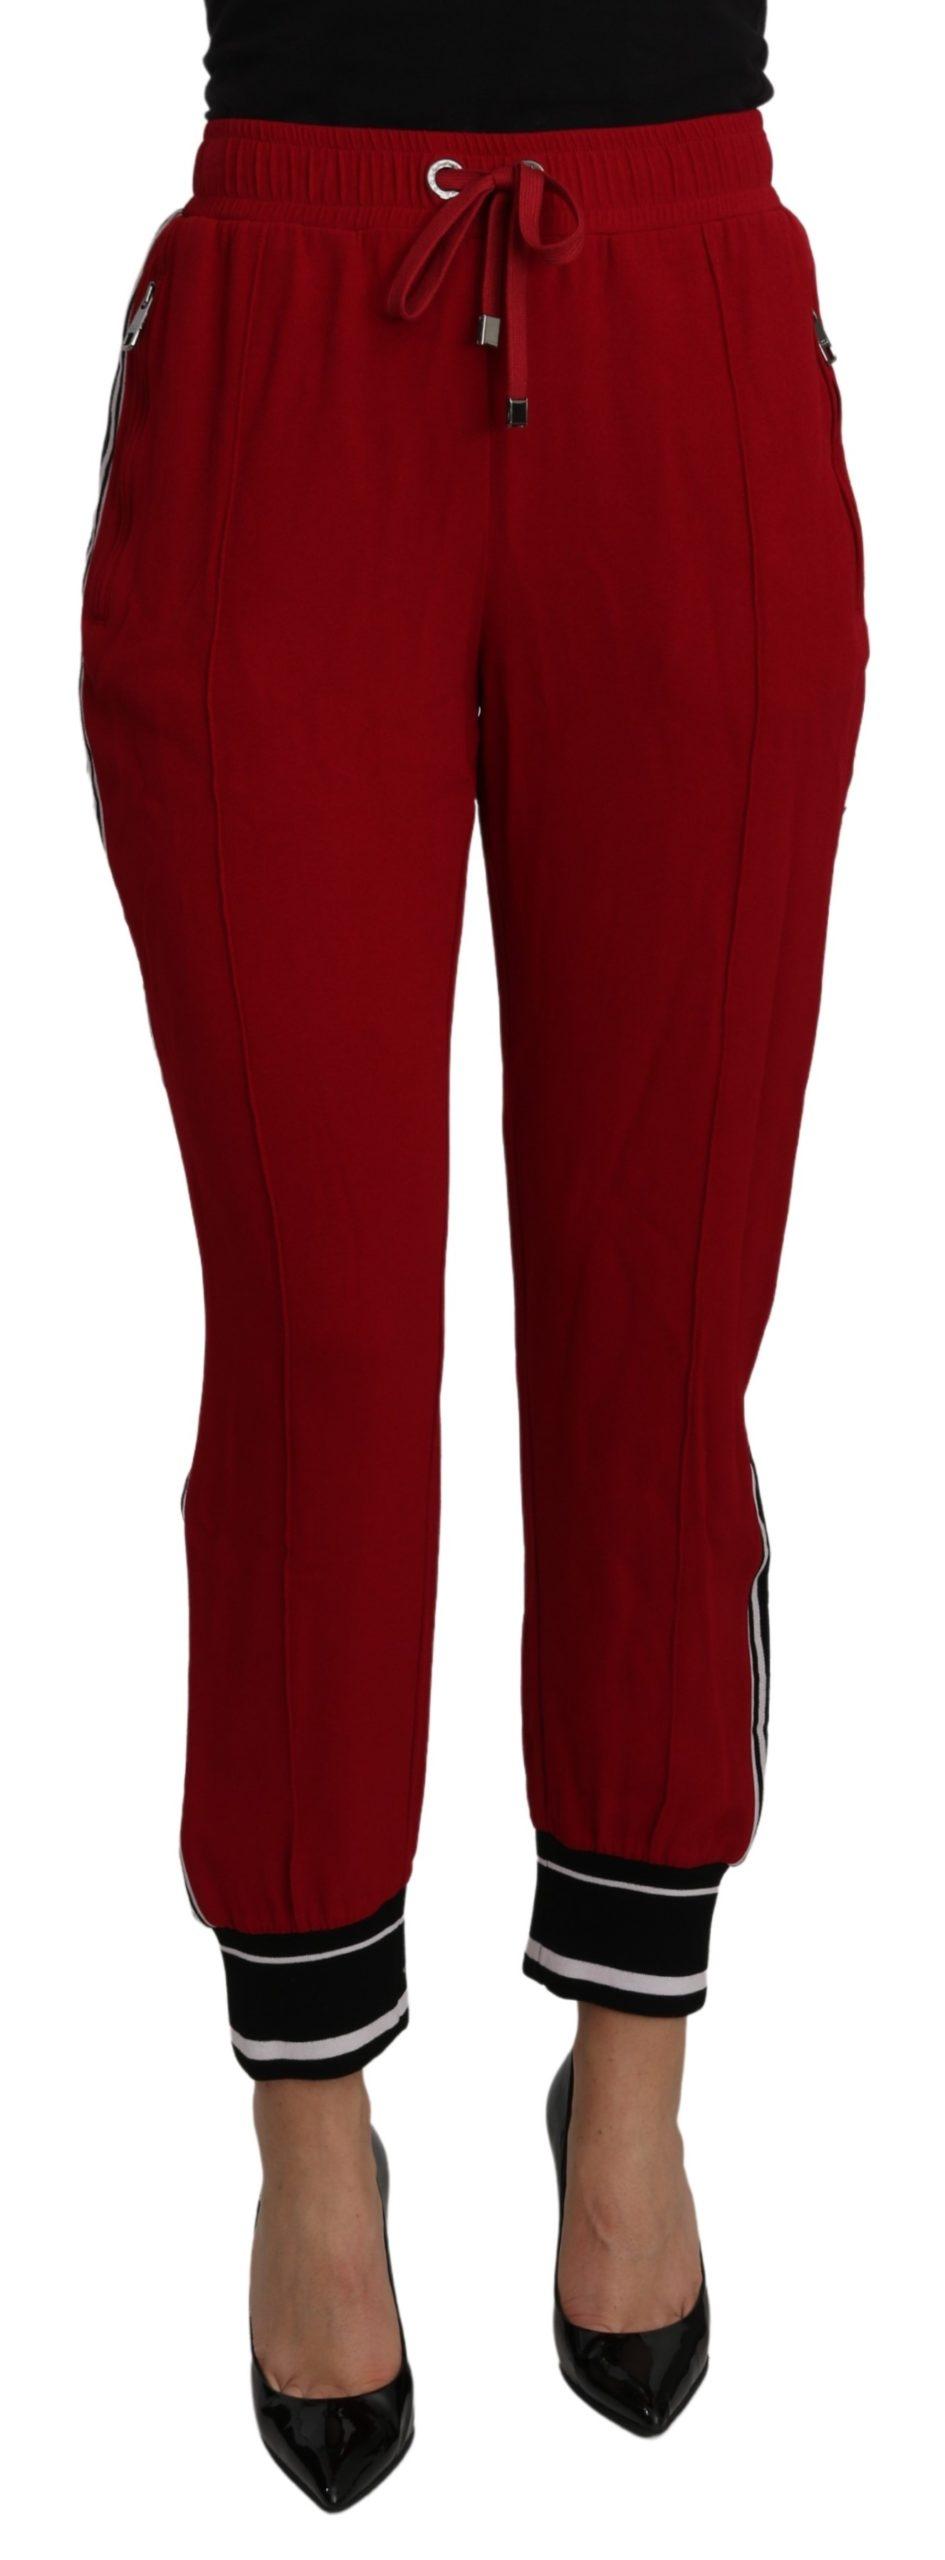 Dolce & Gabbana Women's High Waist Stretch Trouser Red PAN71099 - IT44 L